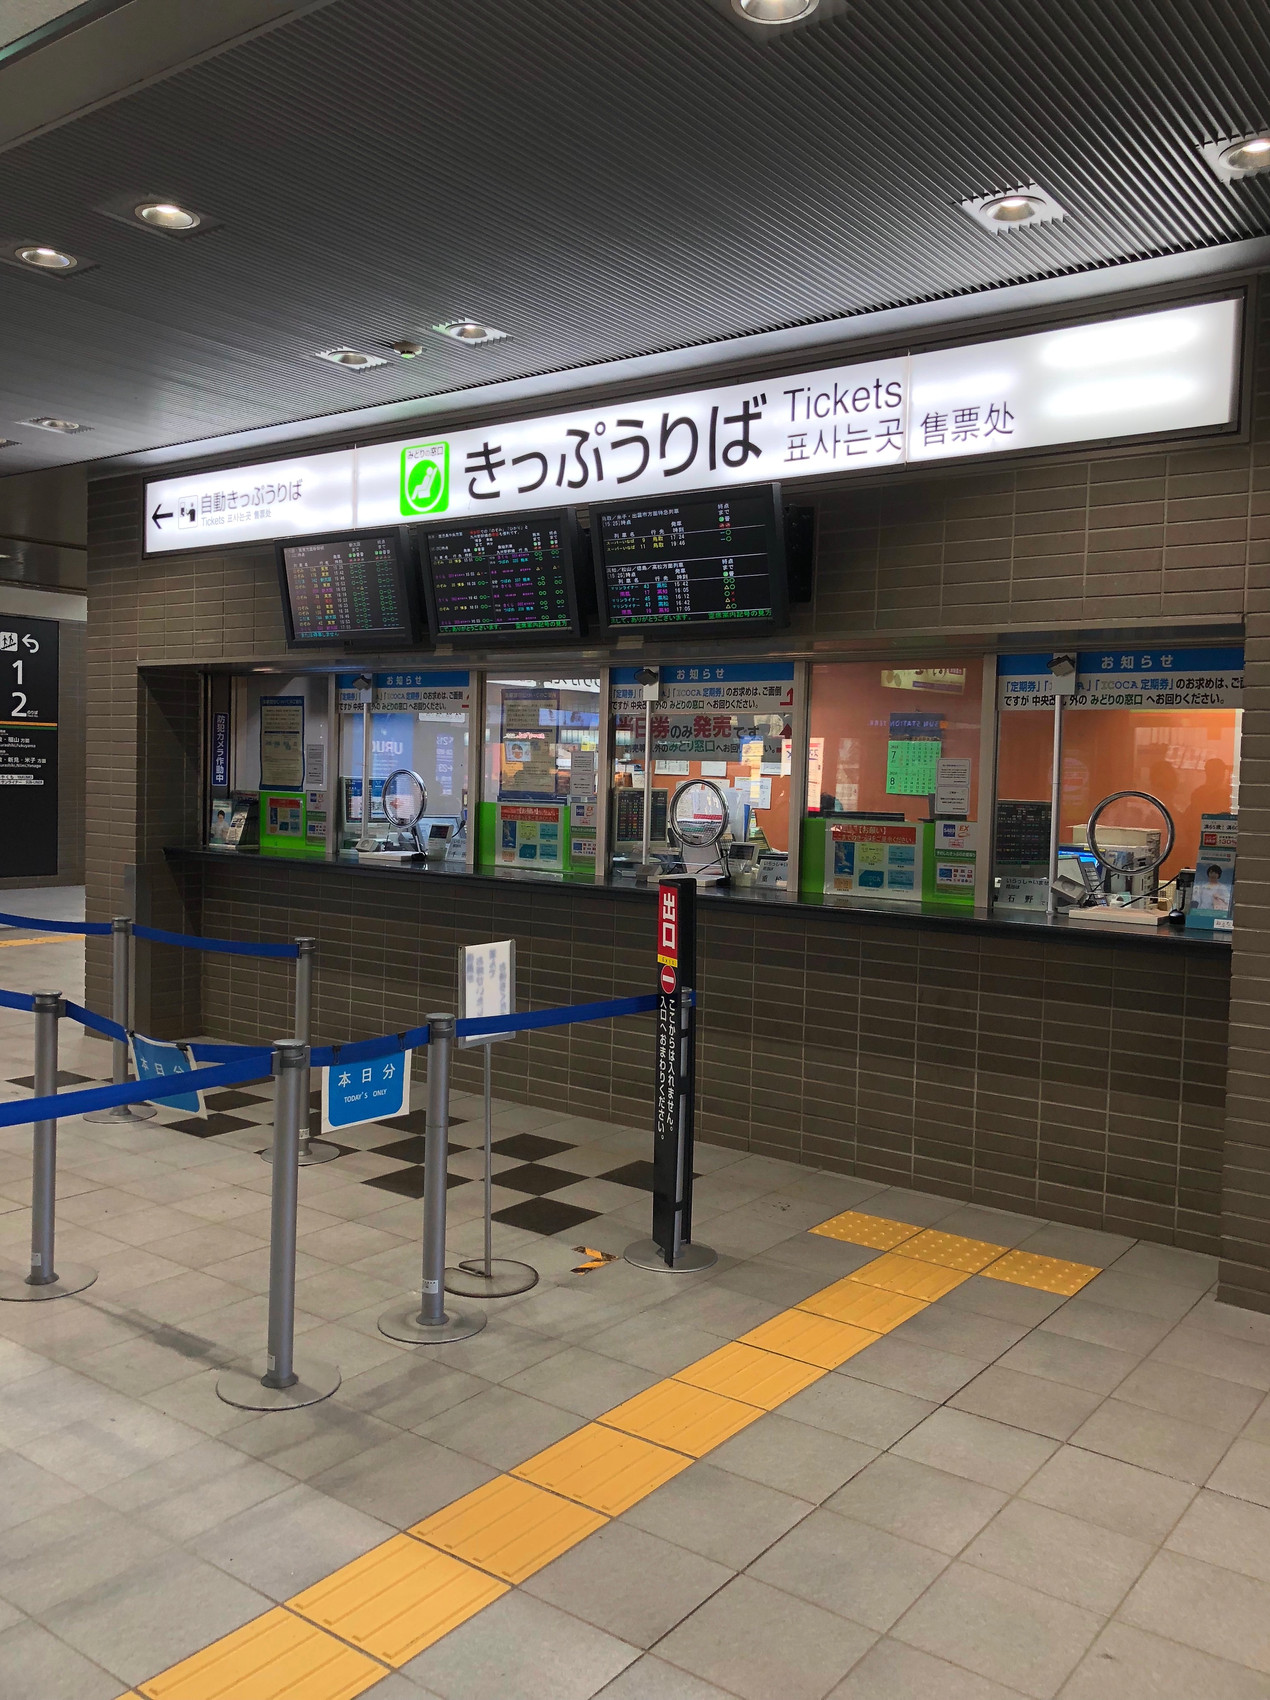 JR Shinkansen Ticket Counter